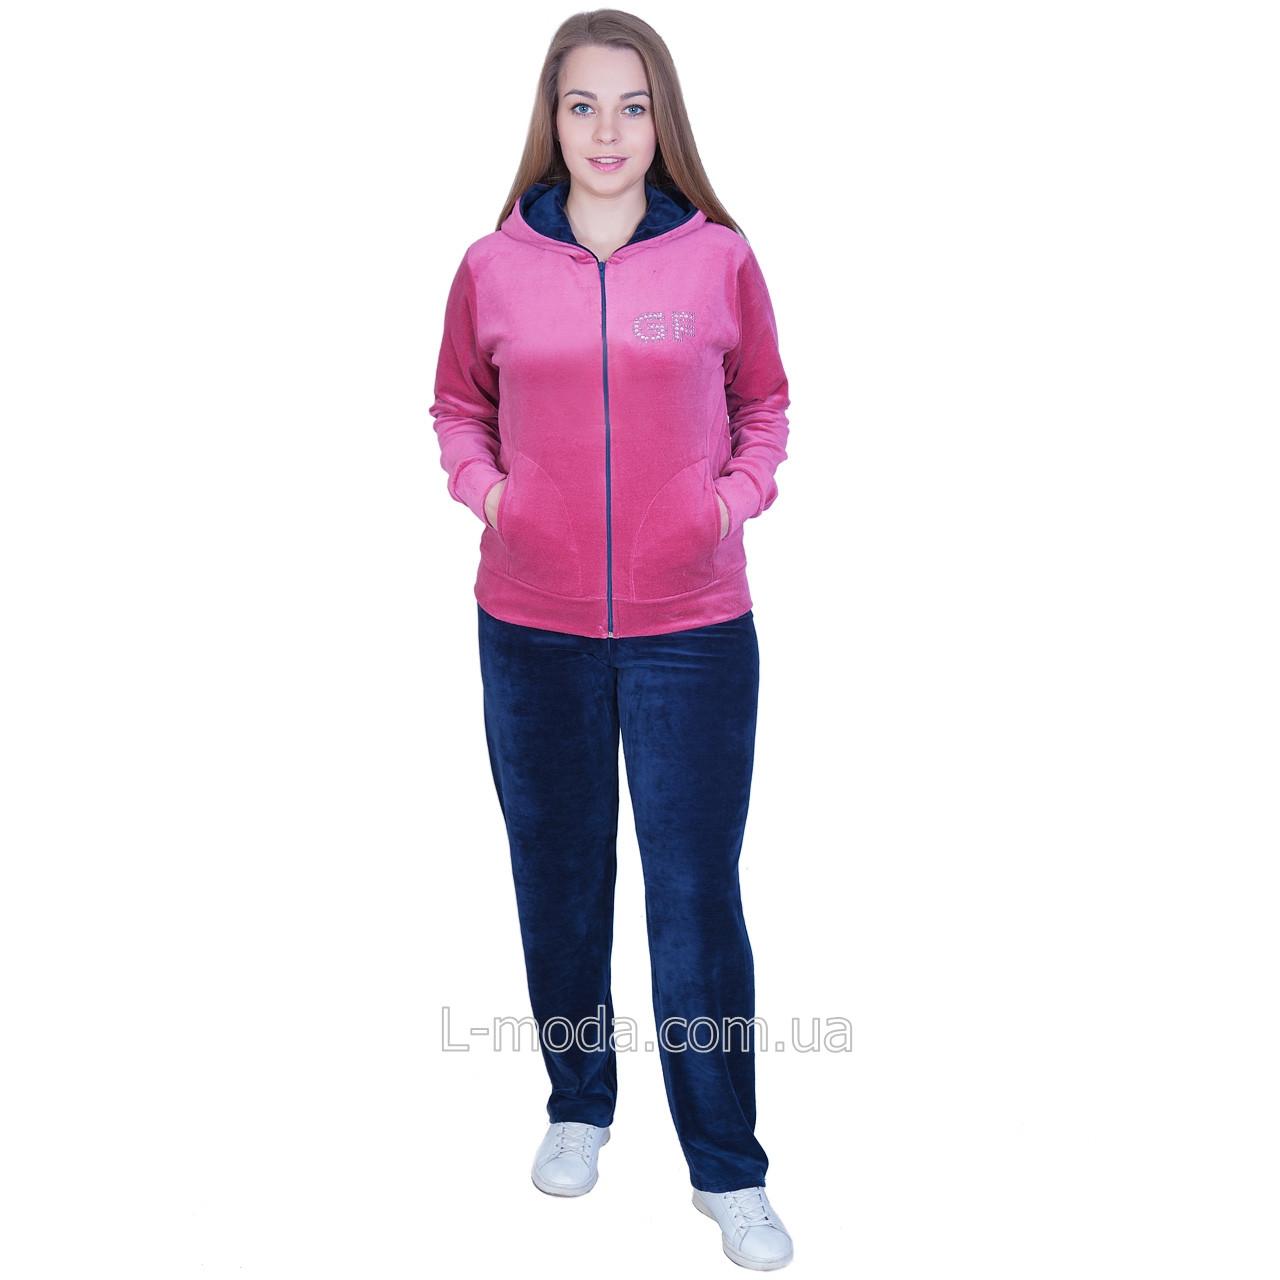 6233cc4d Спортивный костюм женский велюровый - L MODA магазин женской одежды,  производитель женской одежды и поставщик